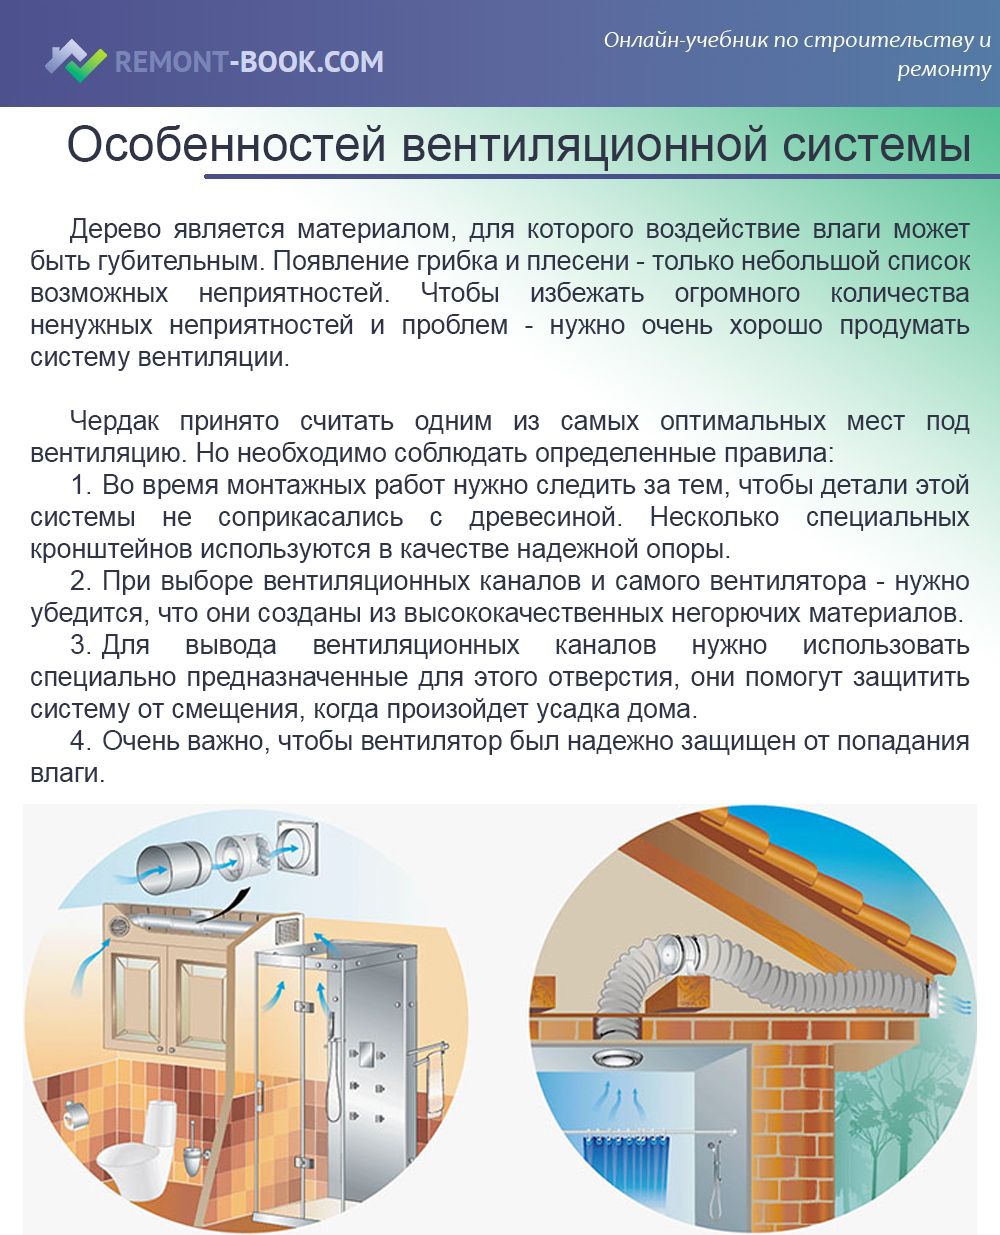 Особенностей вентиляционной системы